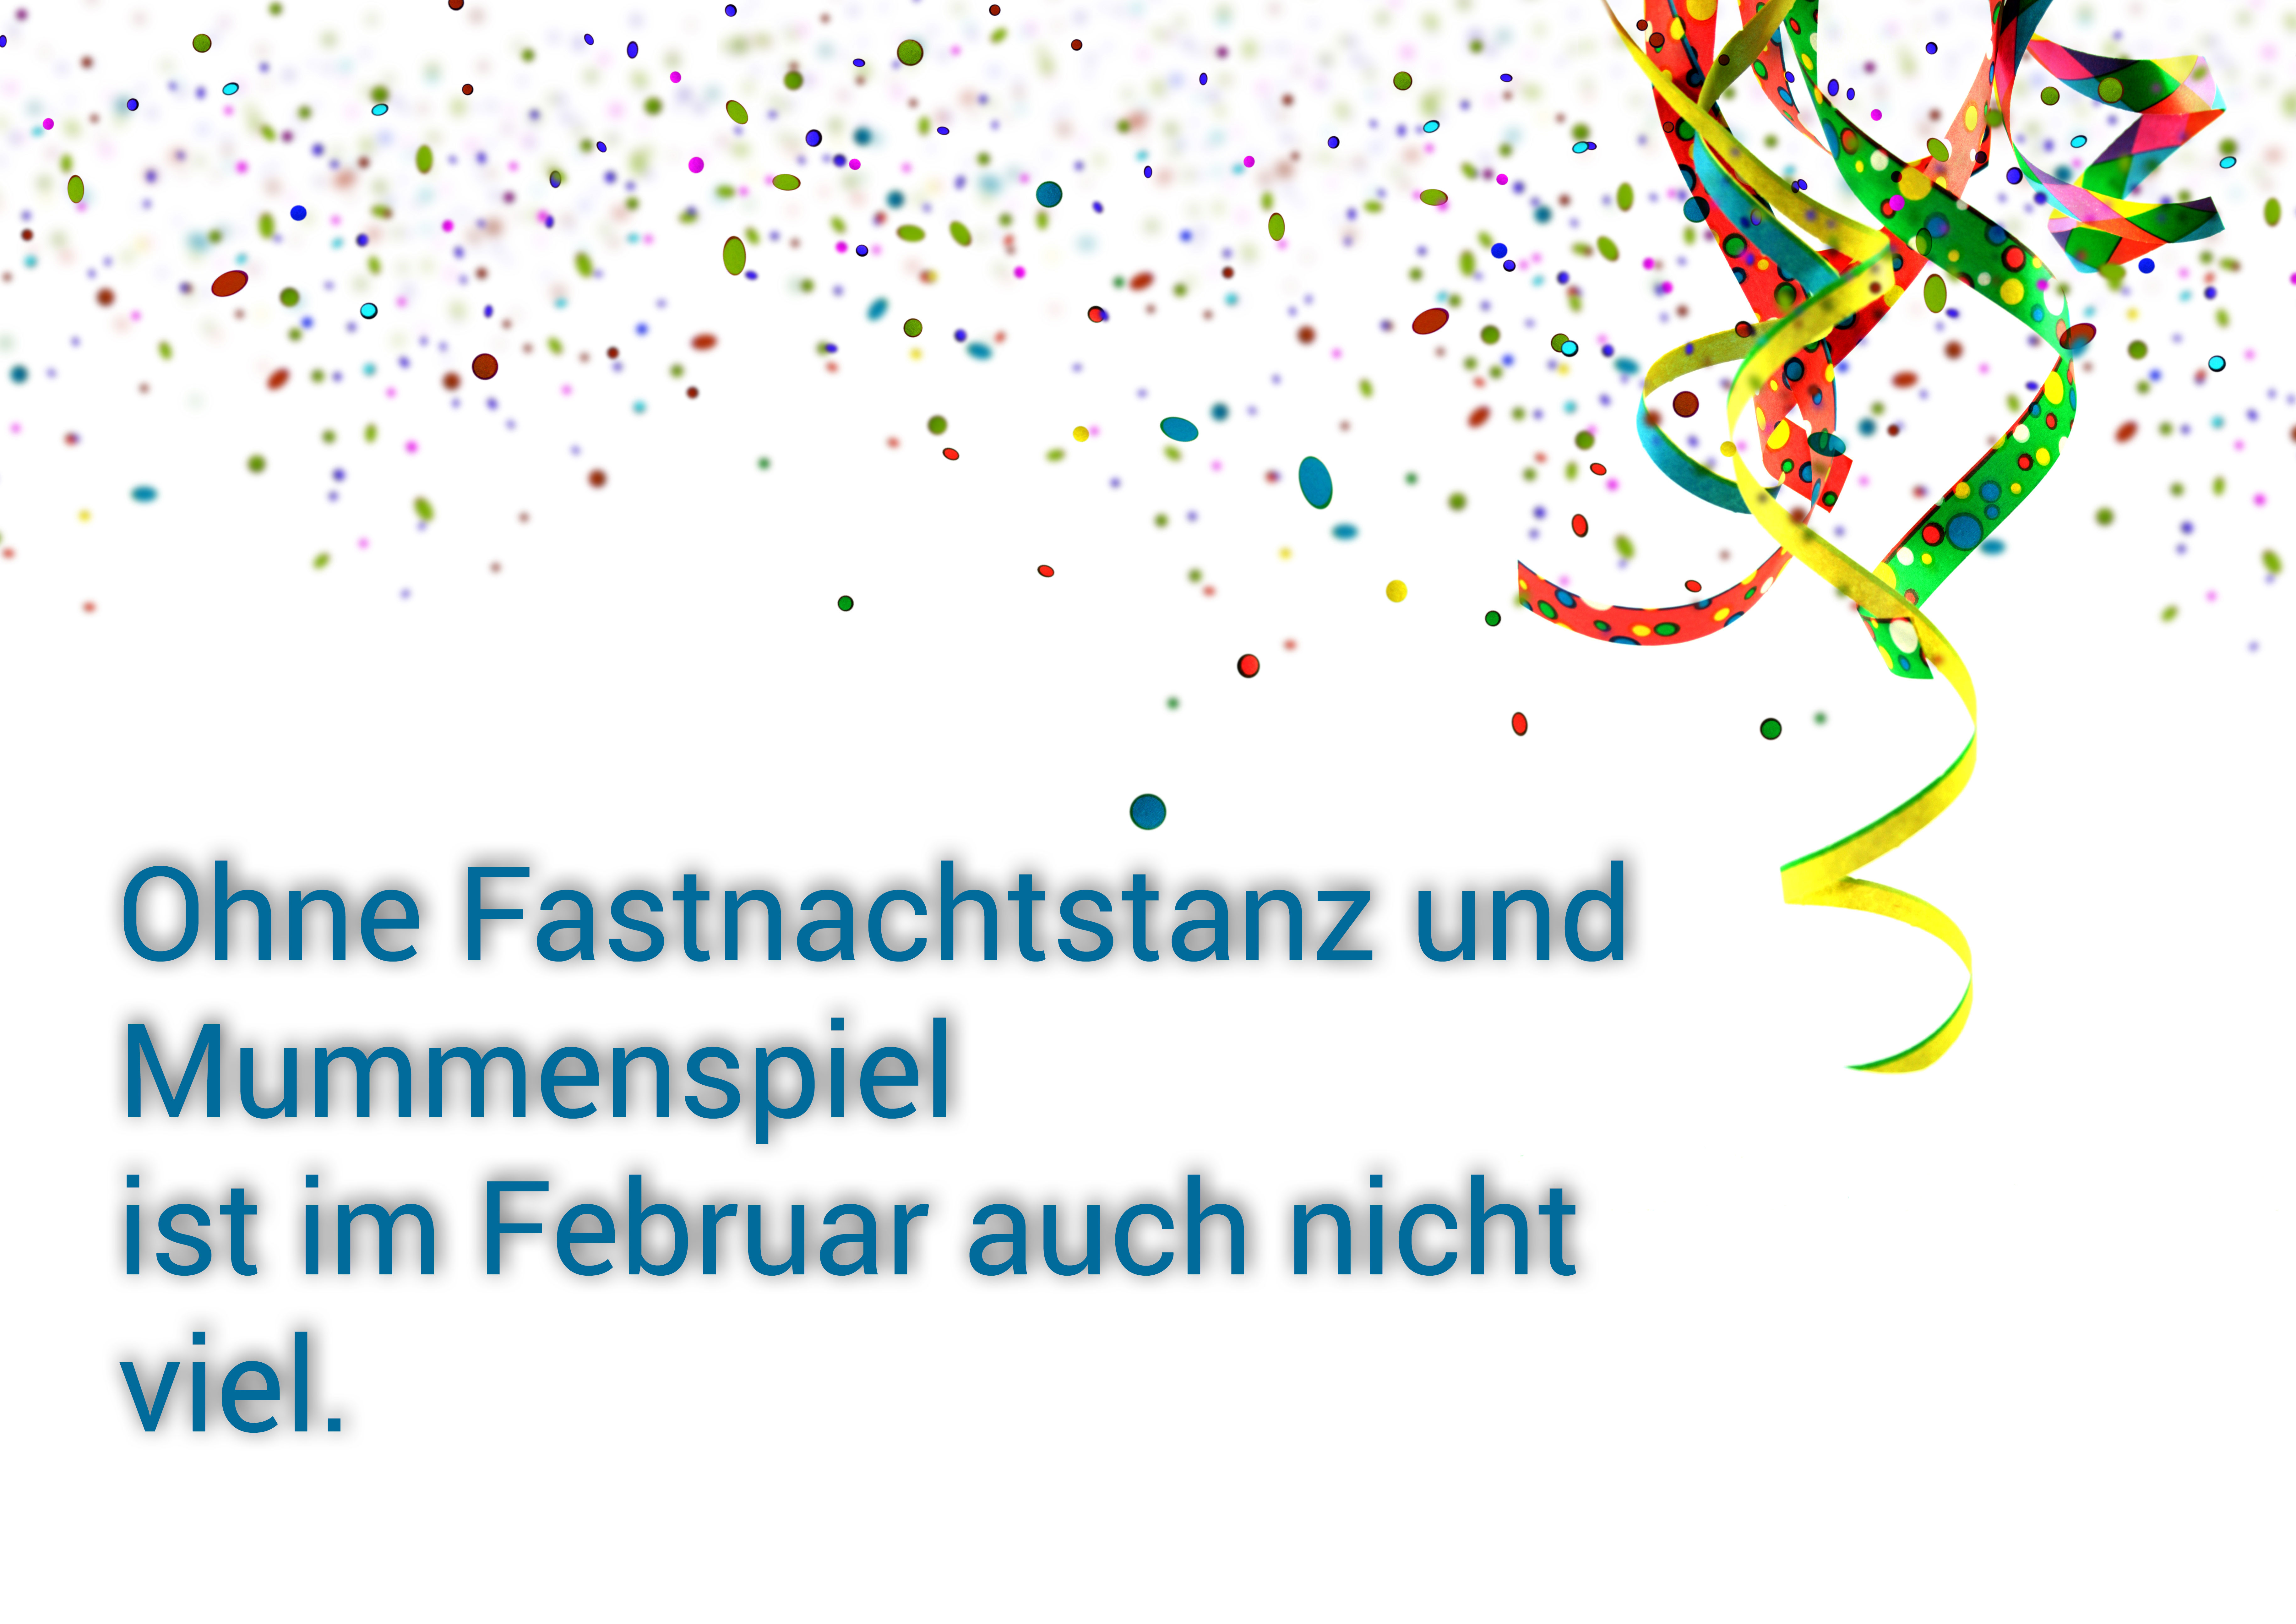 4. Karnevalssprüche für WhatsApp